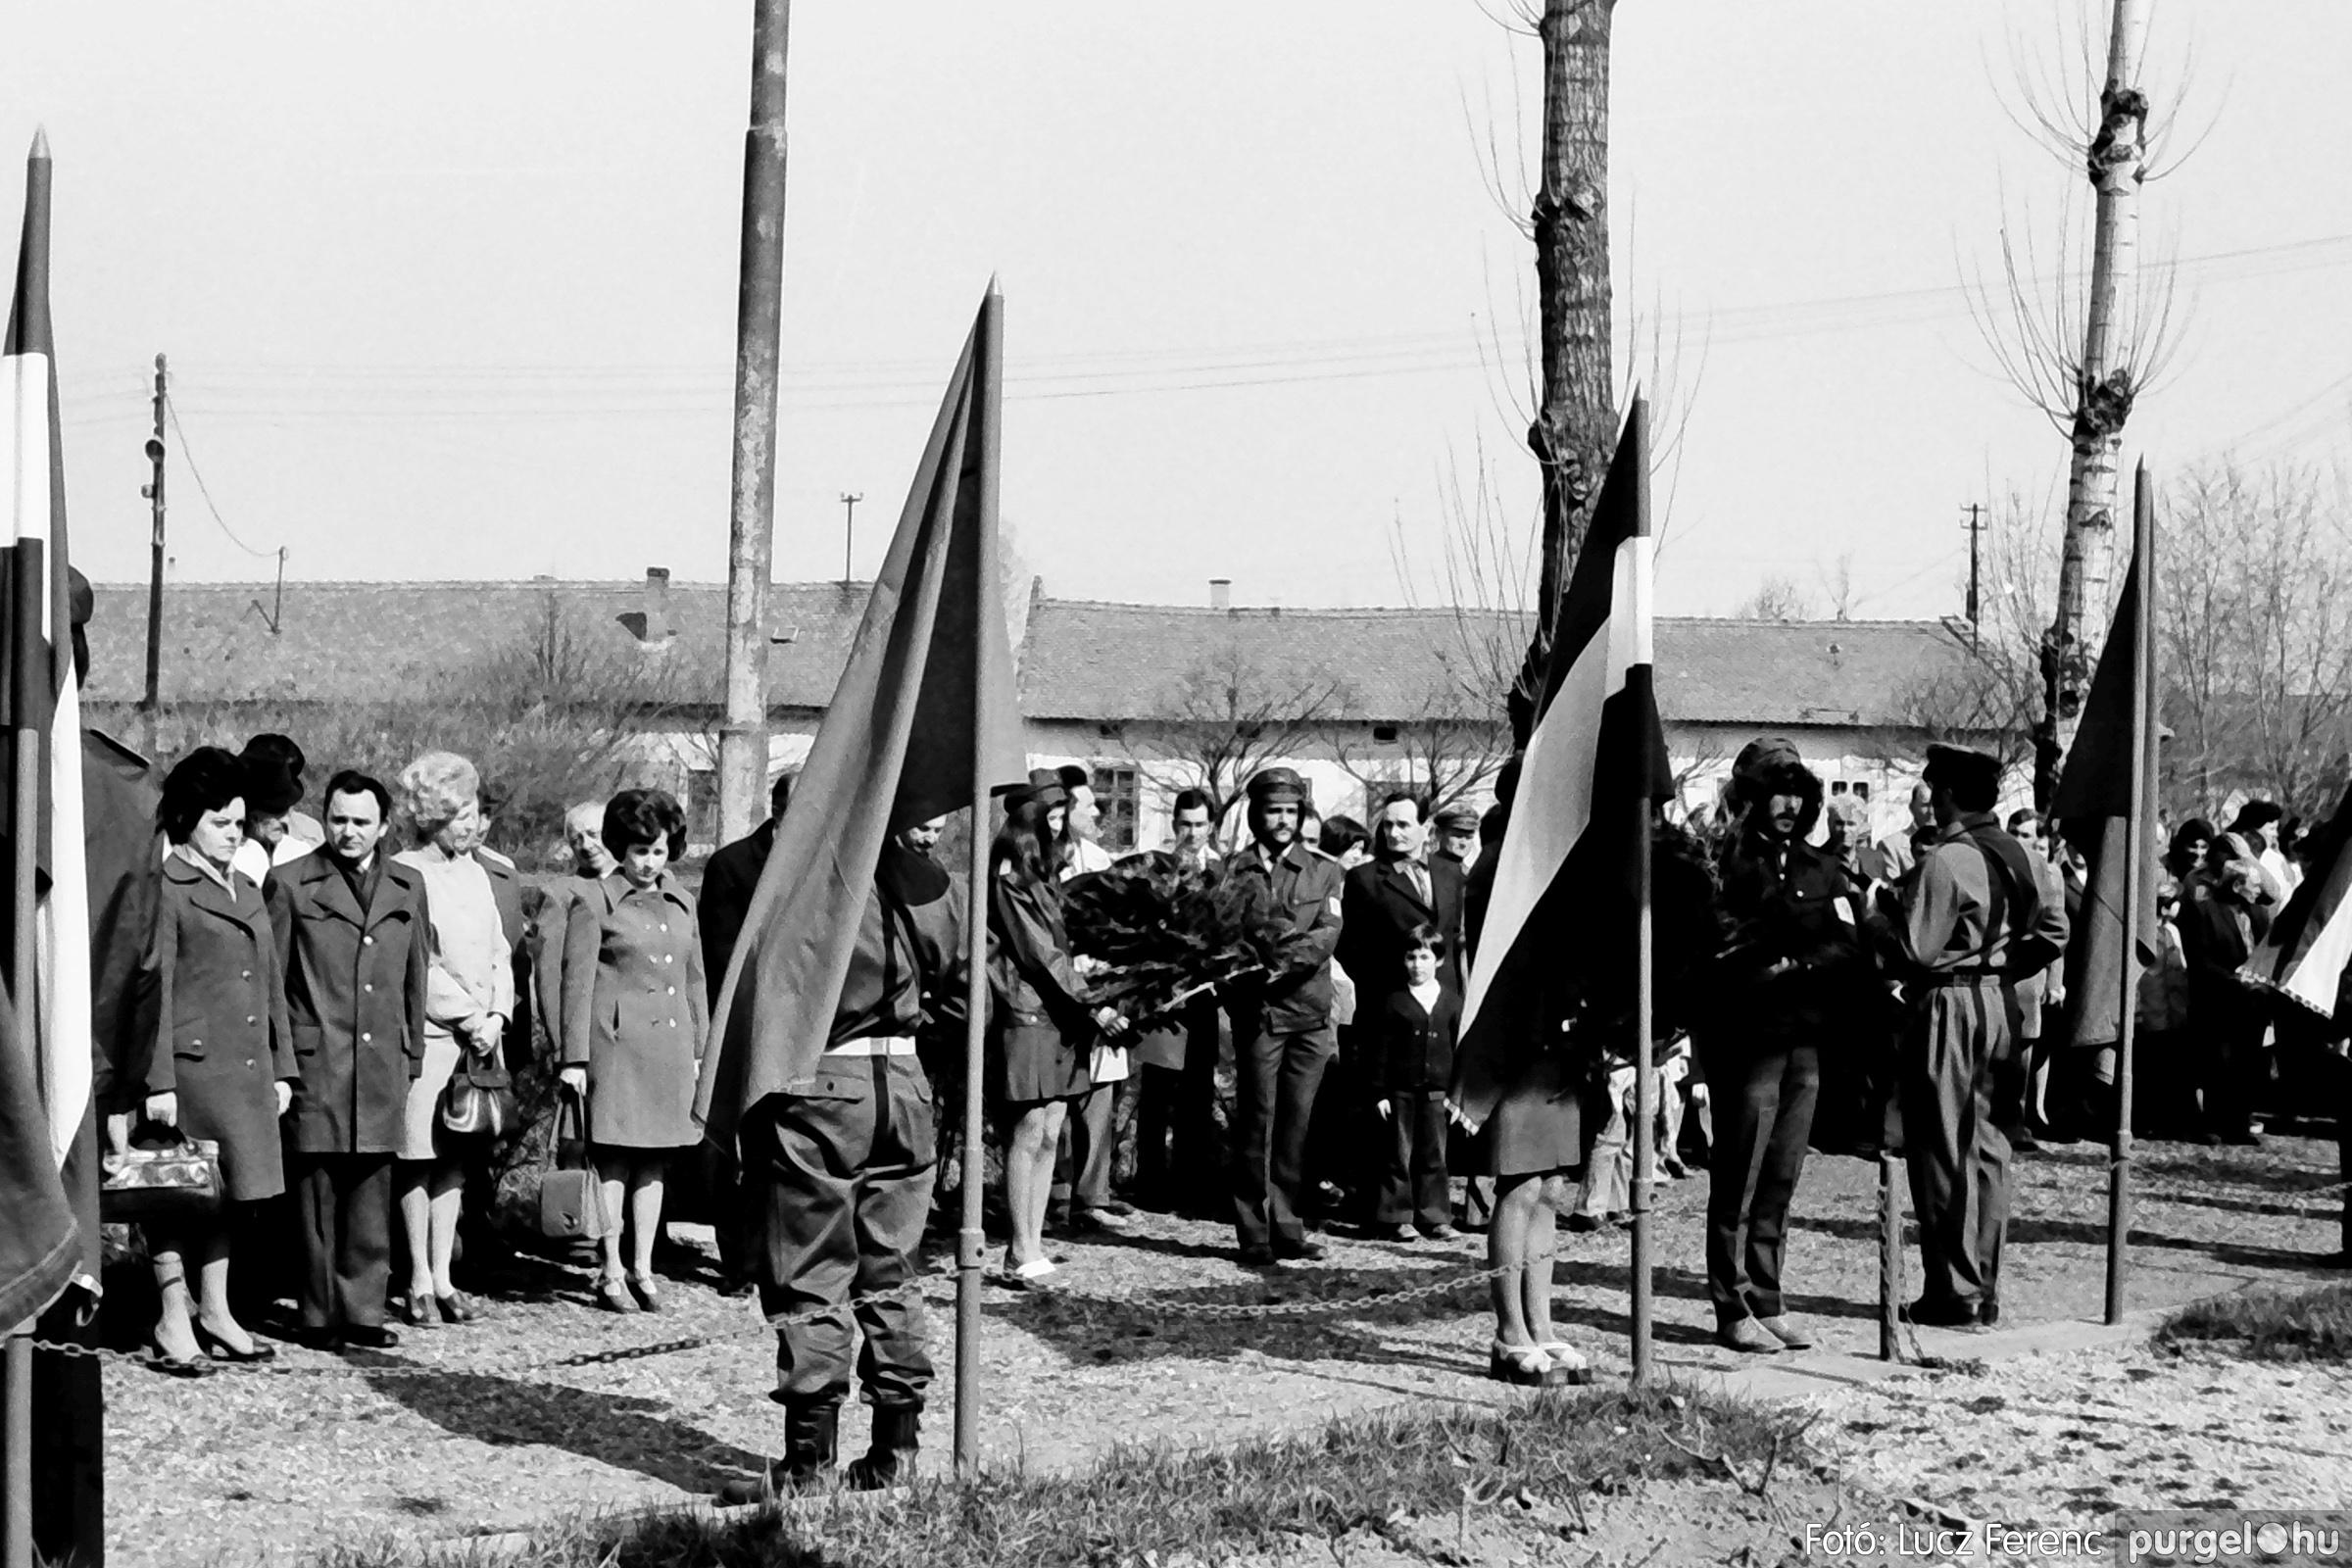 040. 1976.04.04. Április 4-i ünnepség 014. - Fotó: Lucz Ferenc - IMG00226q.jpg